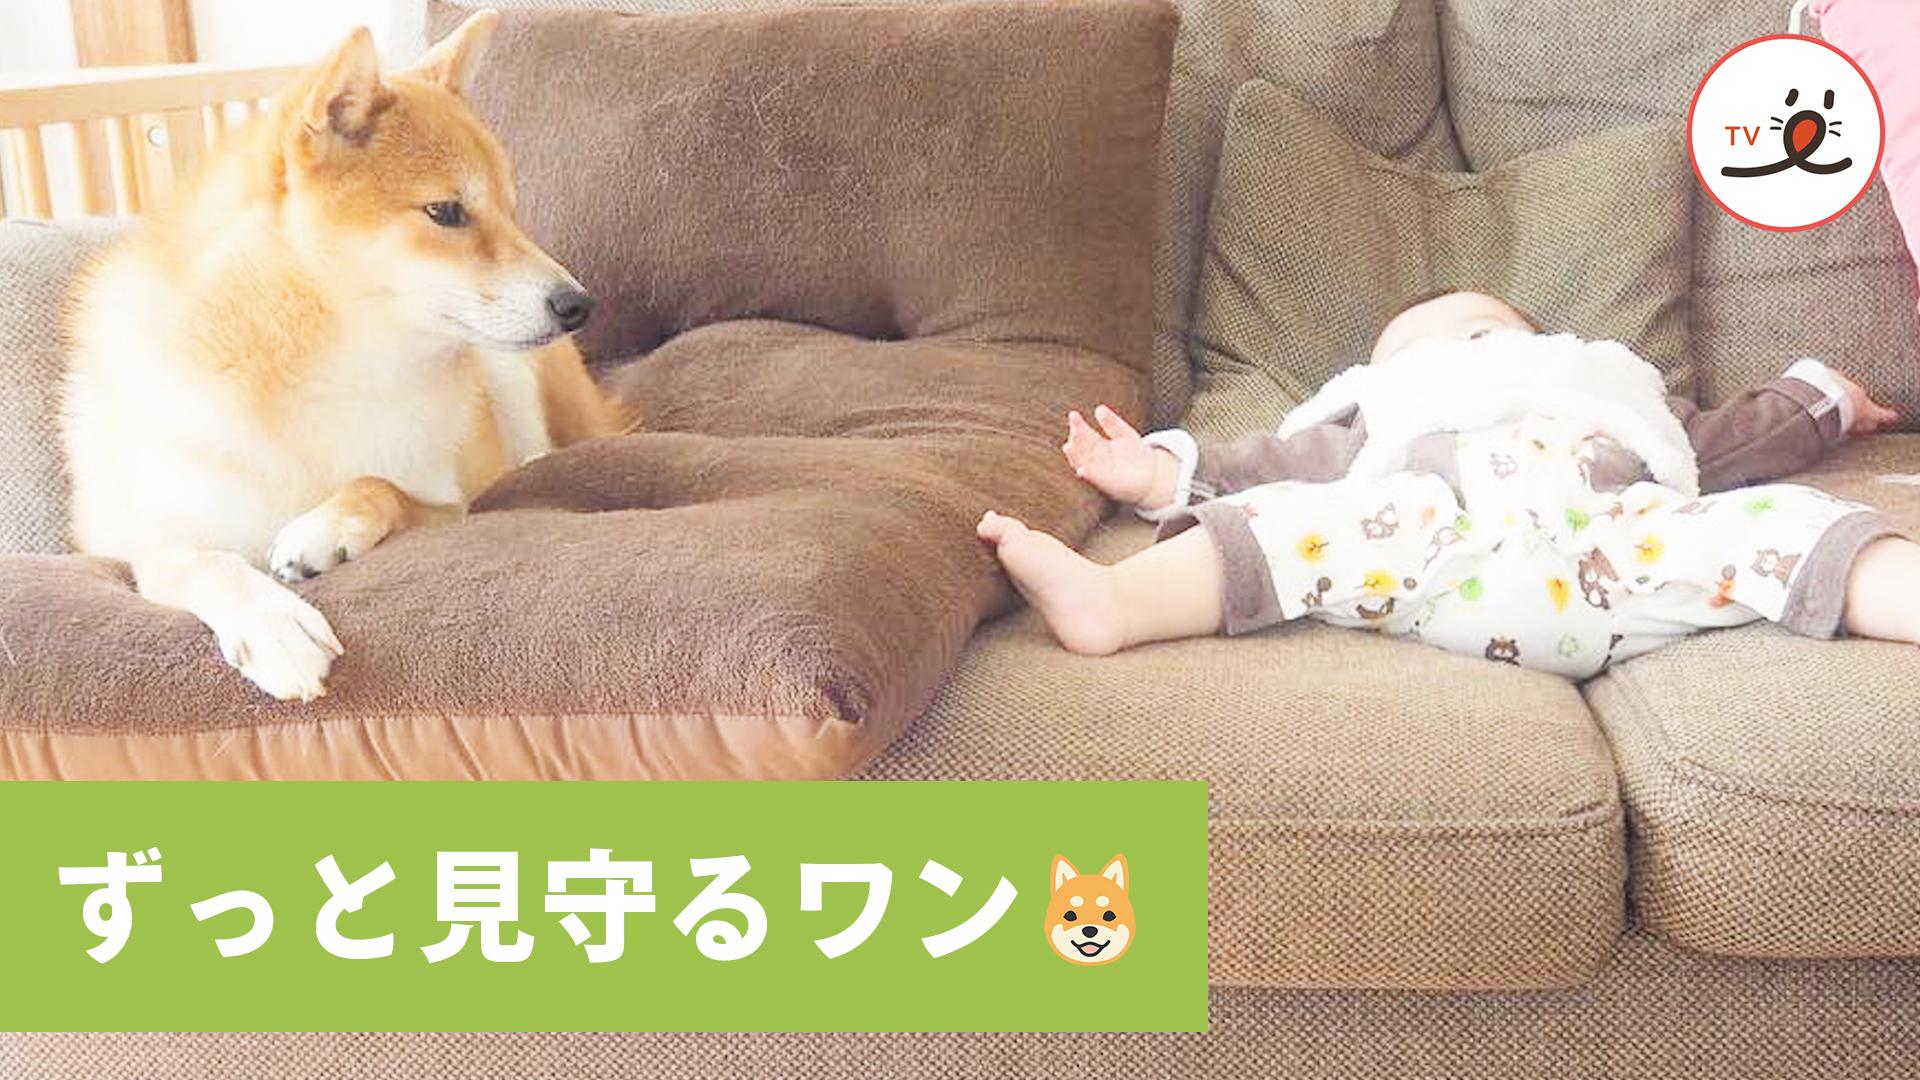 アタシに任せて🐶 柴犬うみちゃんの子守り大作戦❗️